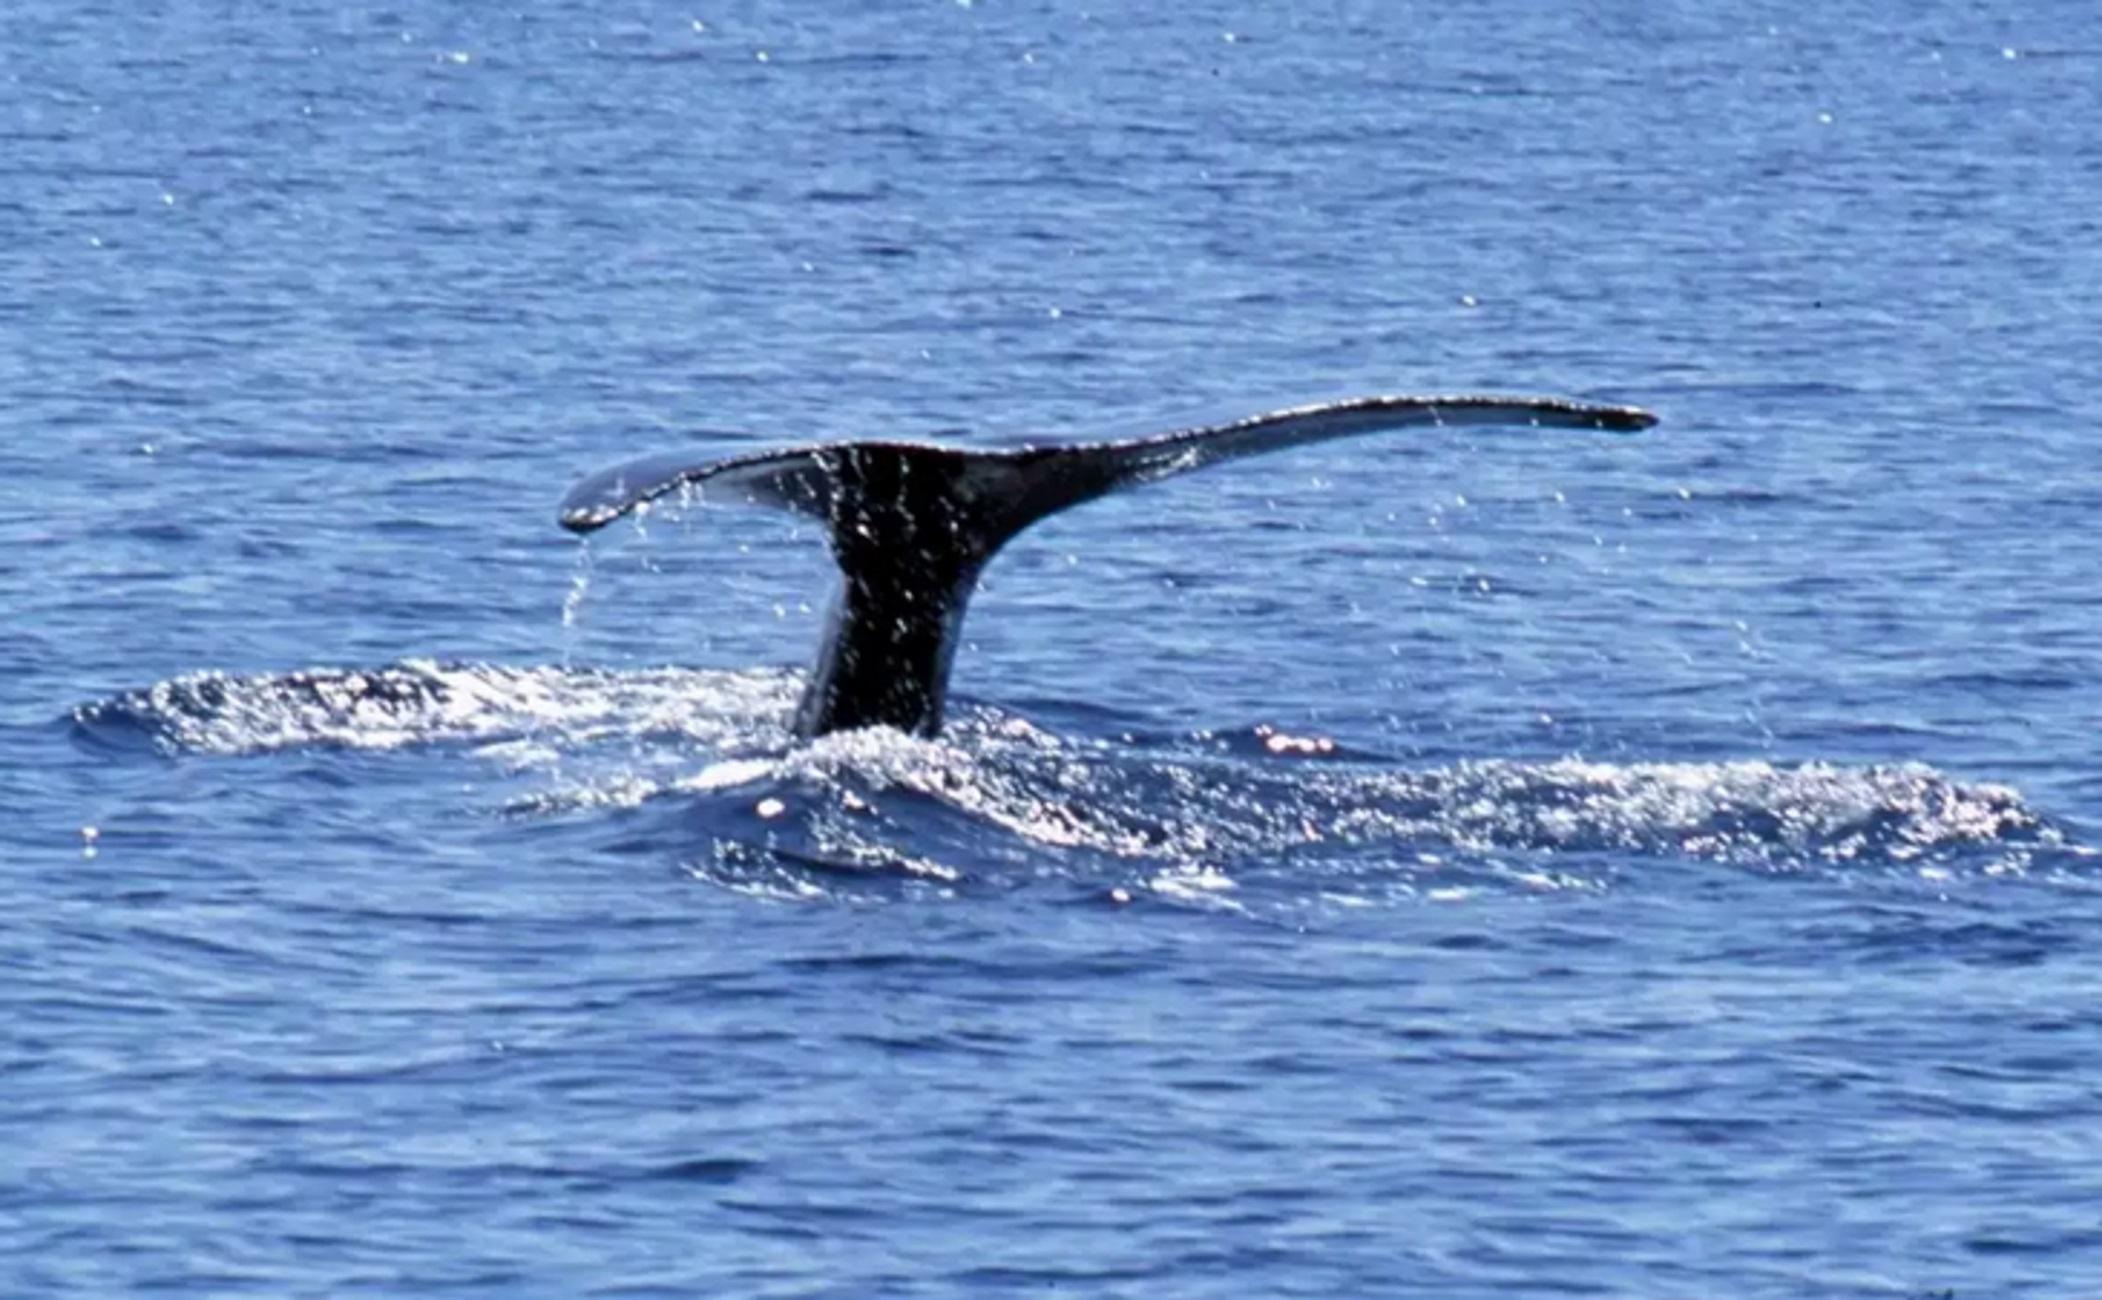 Λακωνία: Αυτή ήταν η εξήγηση για τον ξαφνικό κυματισμό της θάλασσας! Στην κάμερα η τεράστια φάλαινα (Βίντεο)